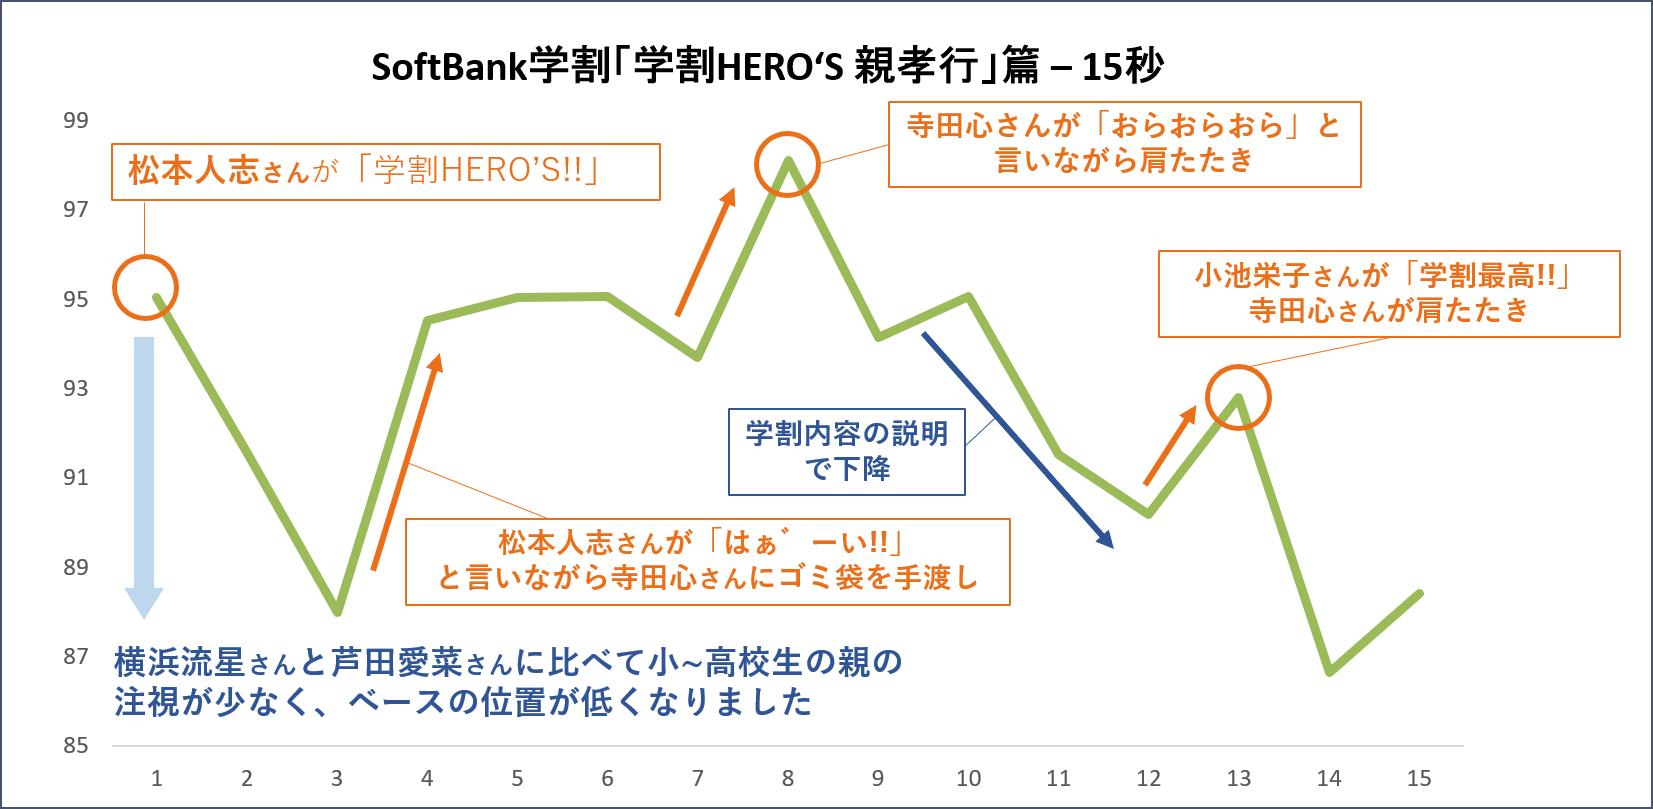 Softbank_毎秒グラフ